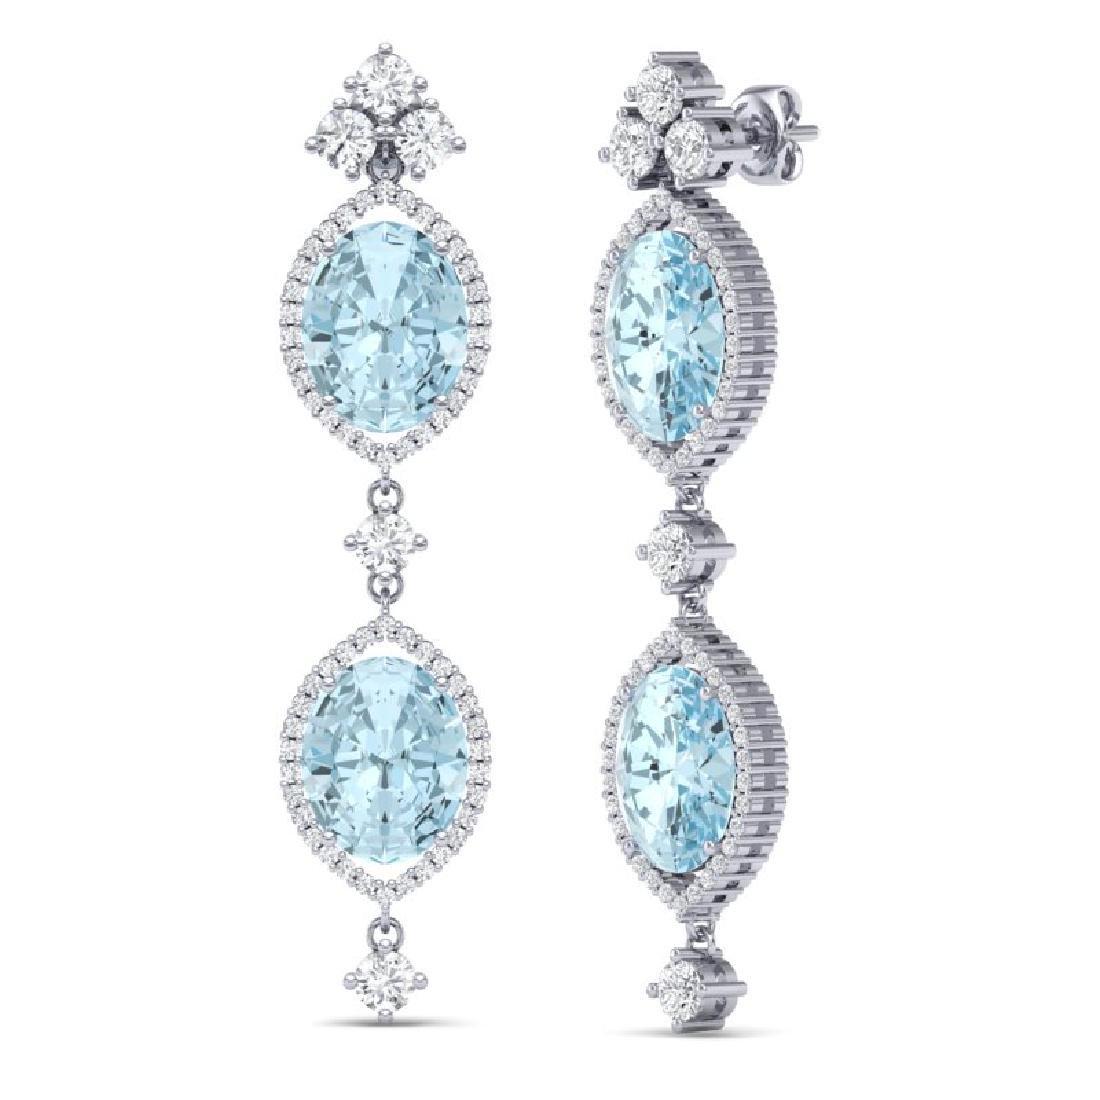 16.41 CTW Royalty Sky Topaz & VS Diamond Earrings 18K - 3